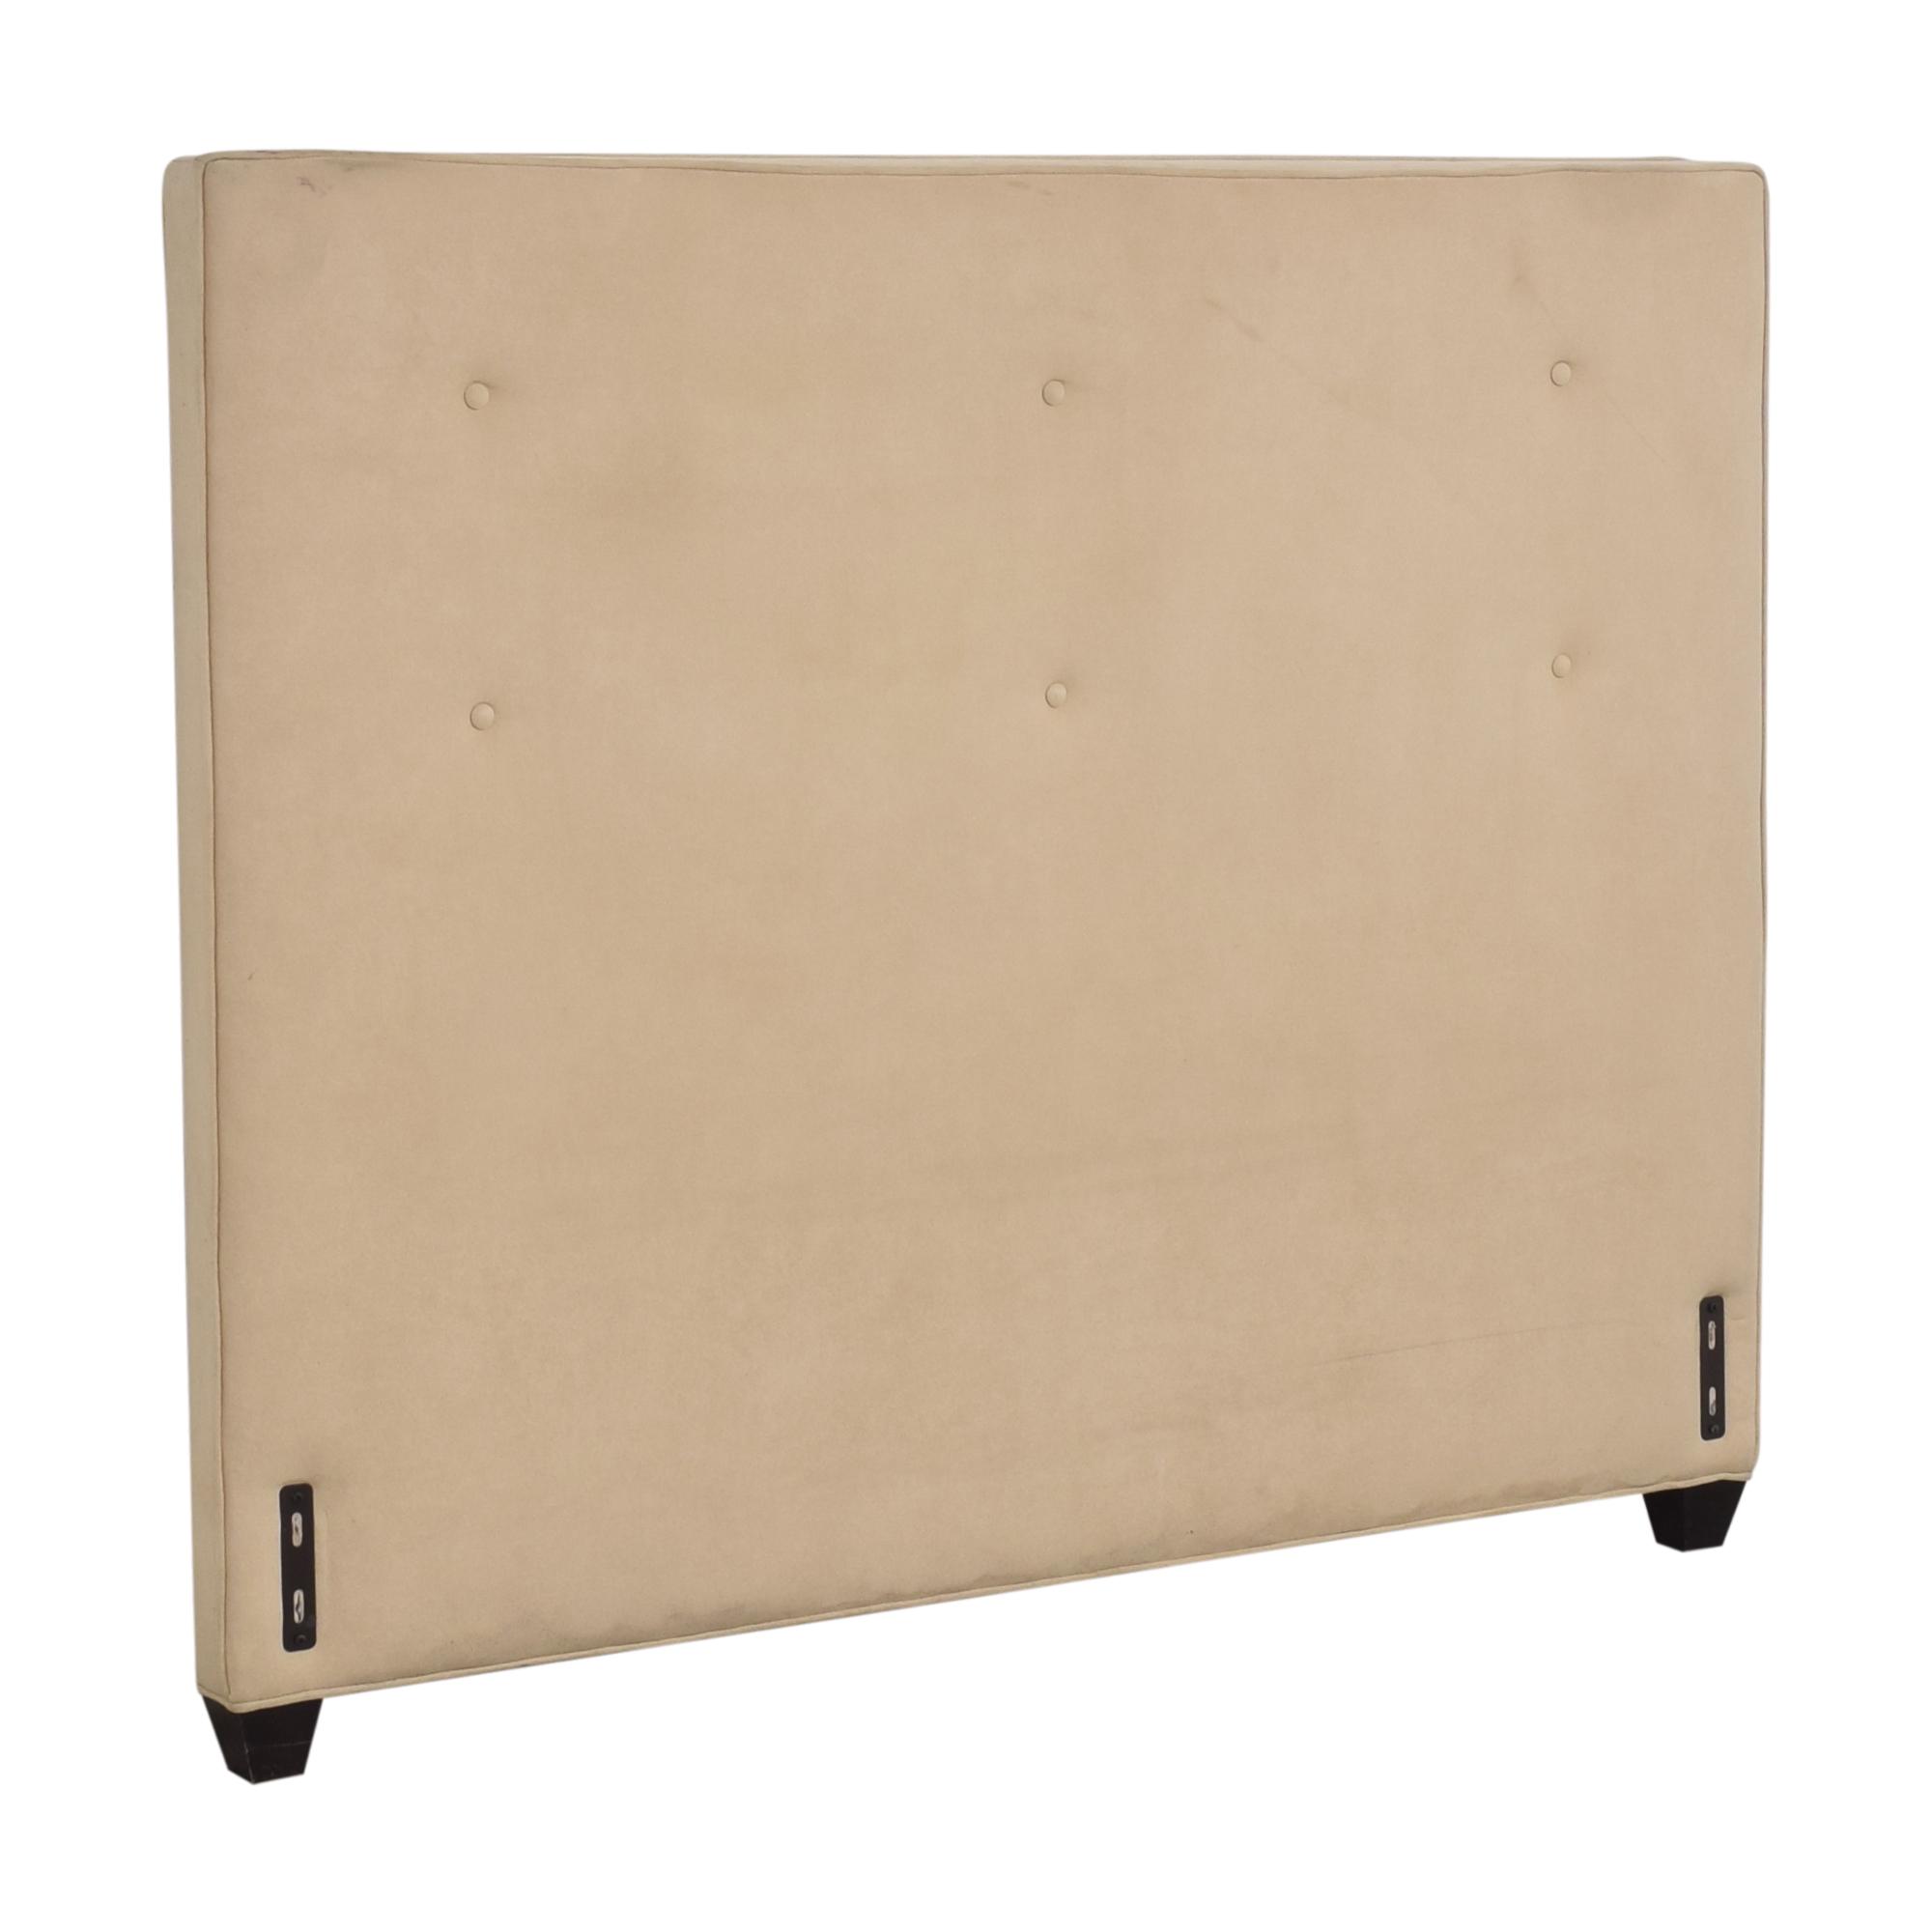 Crate & Barrel Crate & Barrel Tufted Queen Headboard  ma